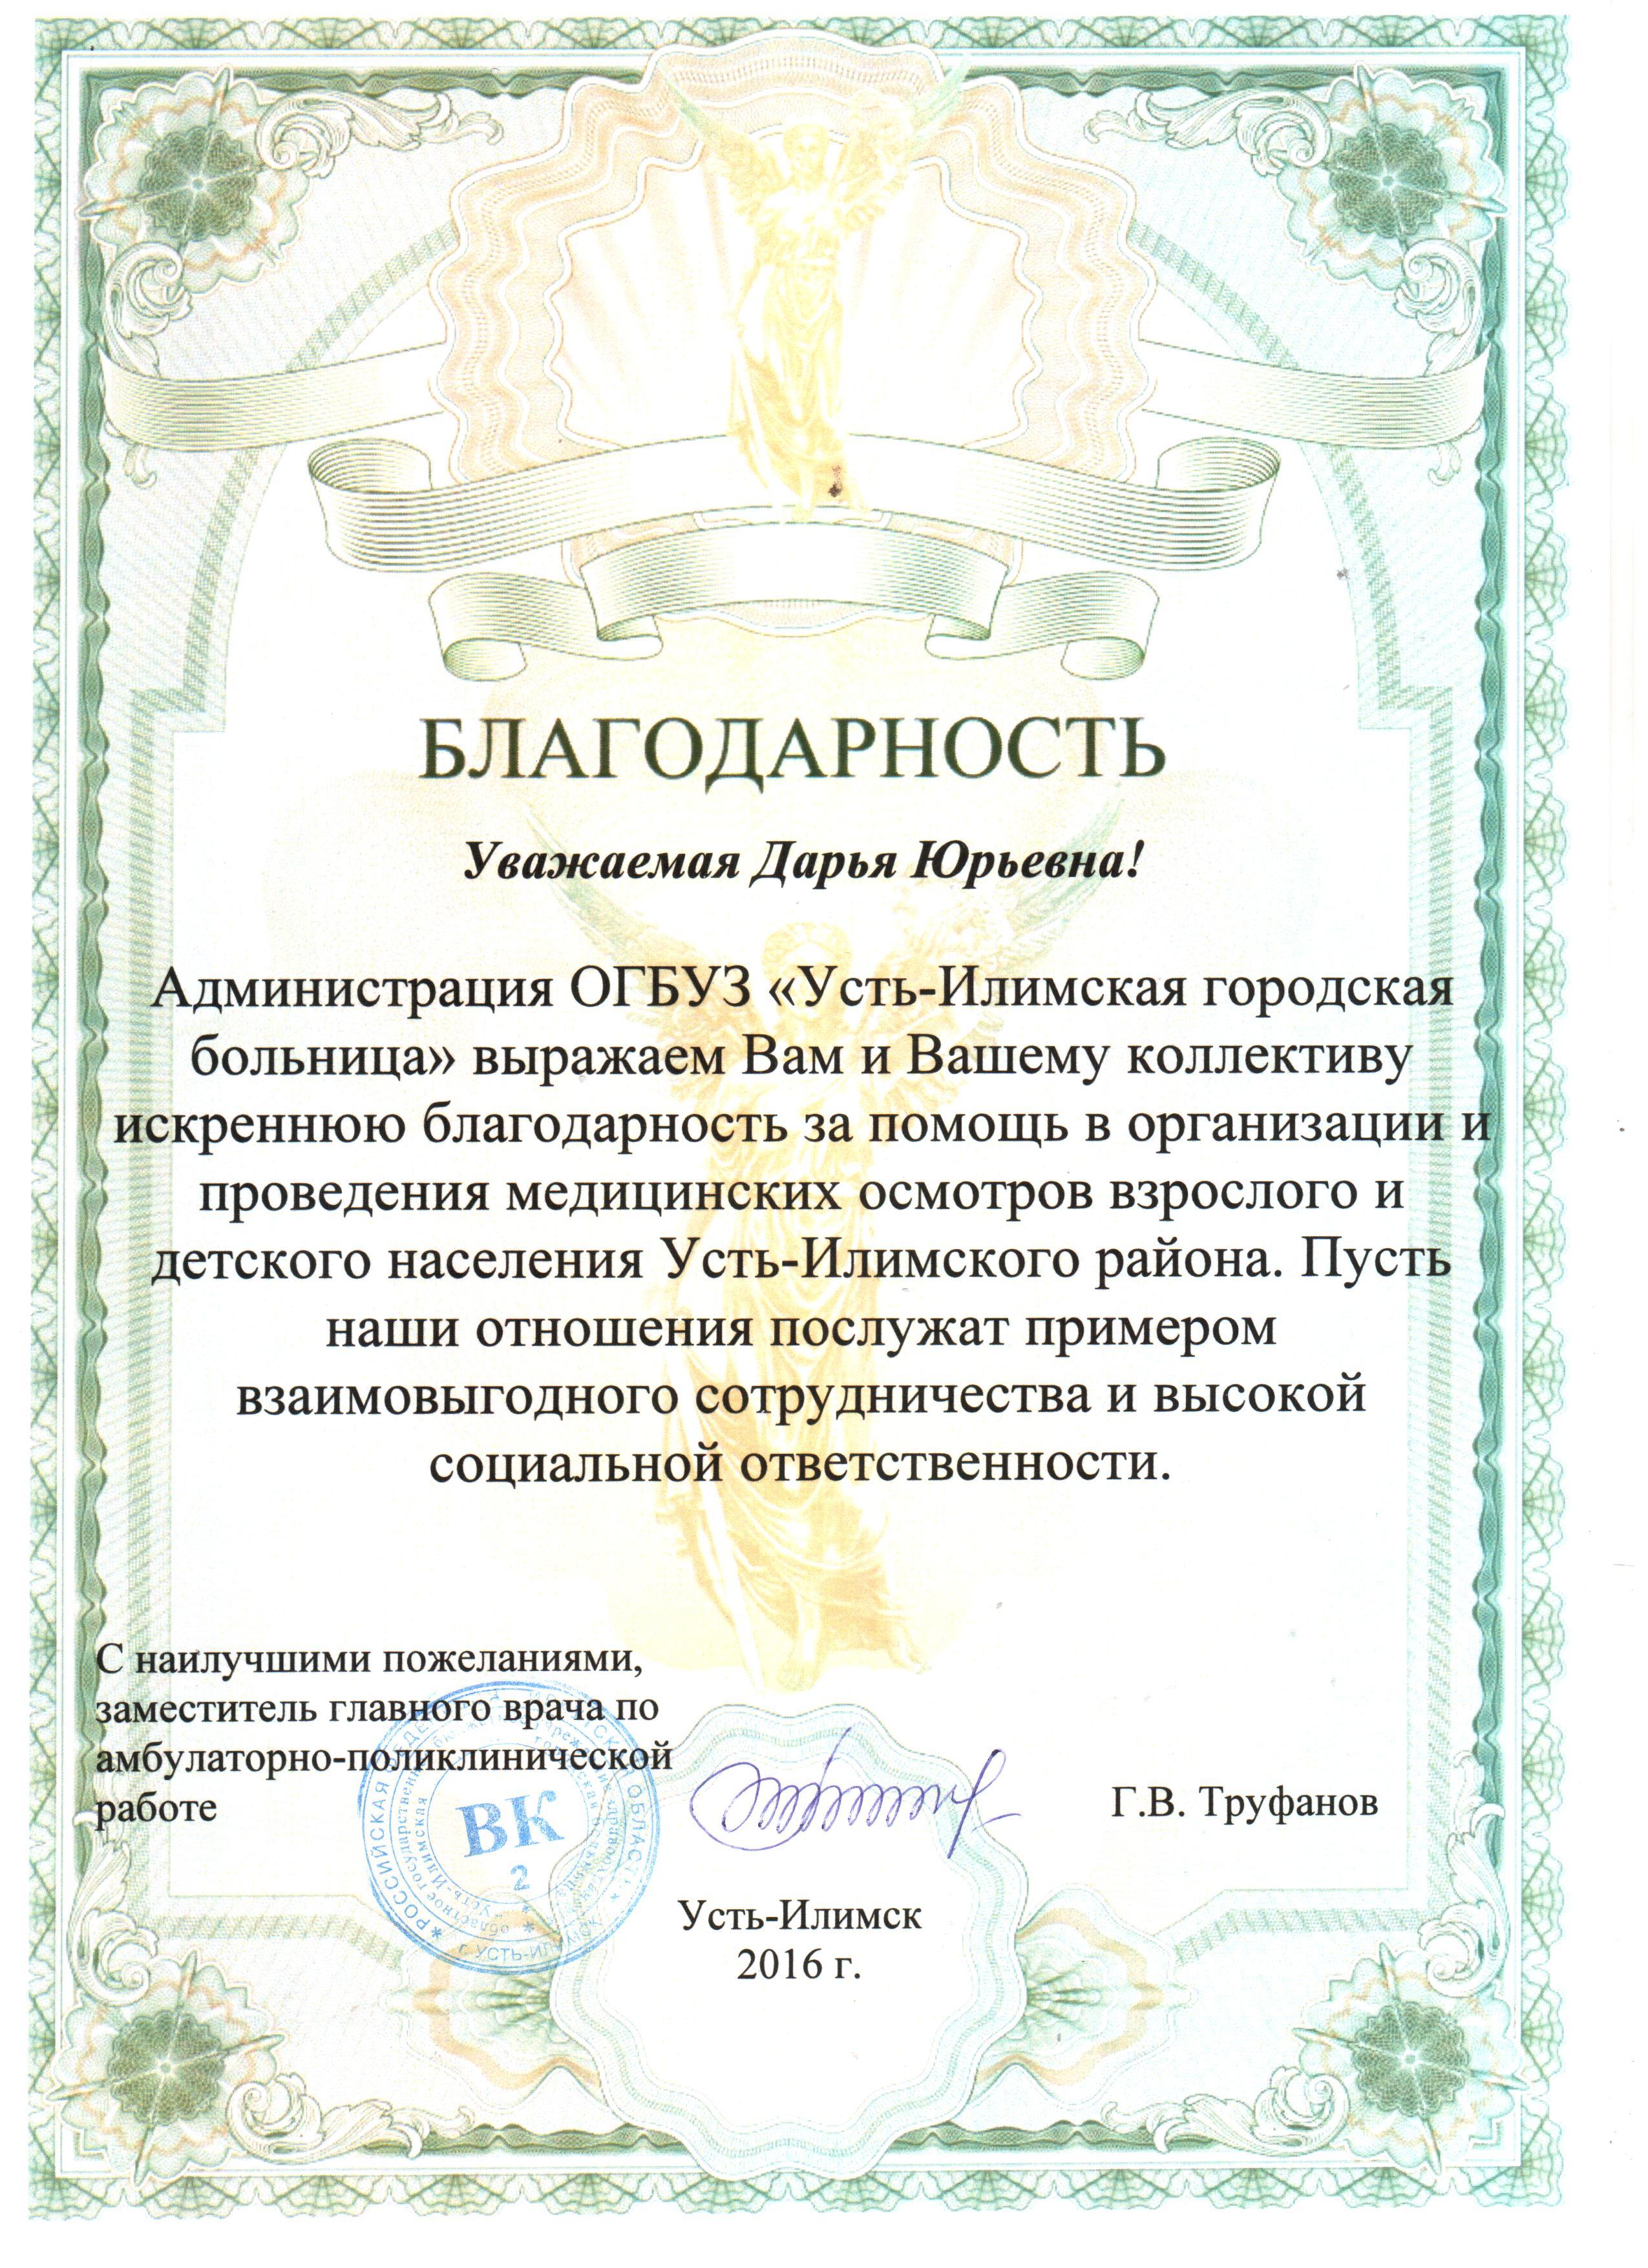 Благодарность (Усть-Илимская ОГБУЗ)